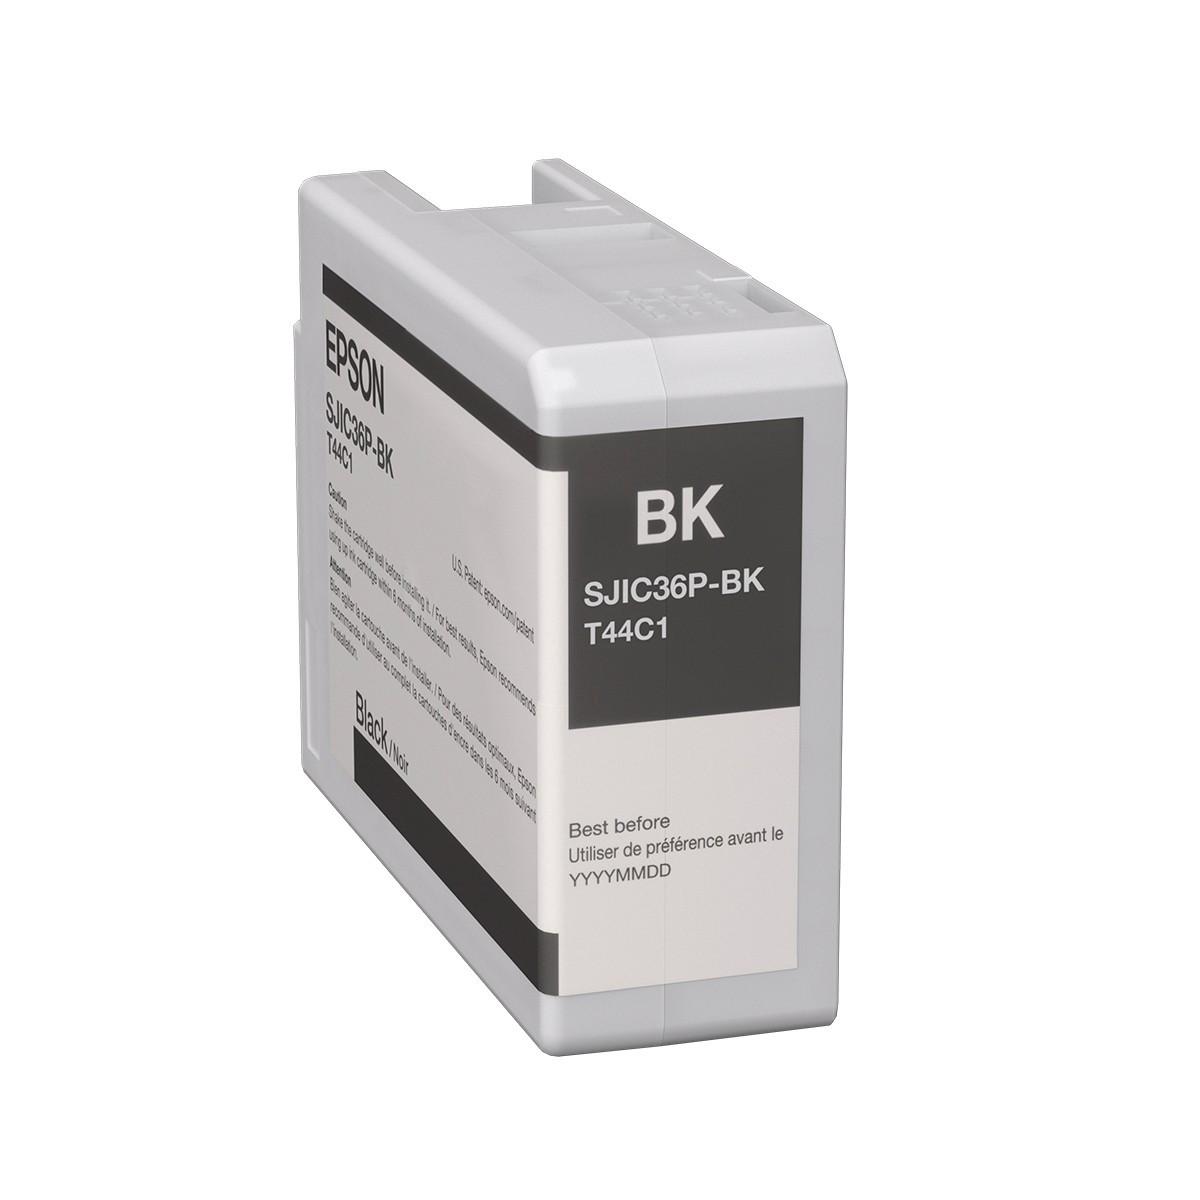 Epson C6500/C6000 tintapatron - Ink Cartridge 32,5 ml, fekete (Black), eredeti